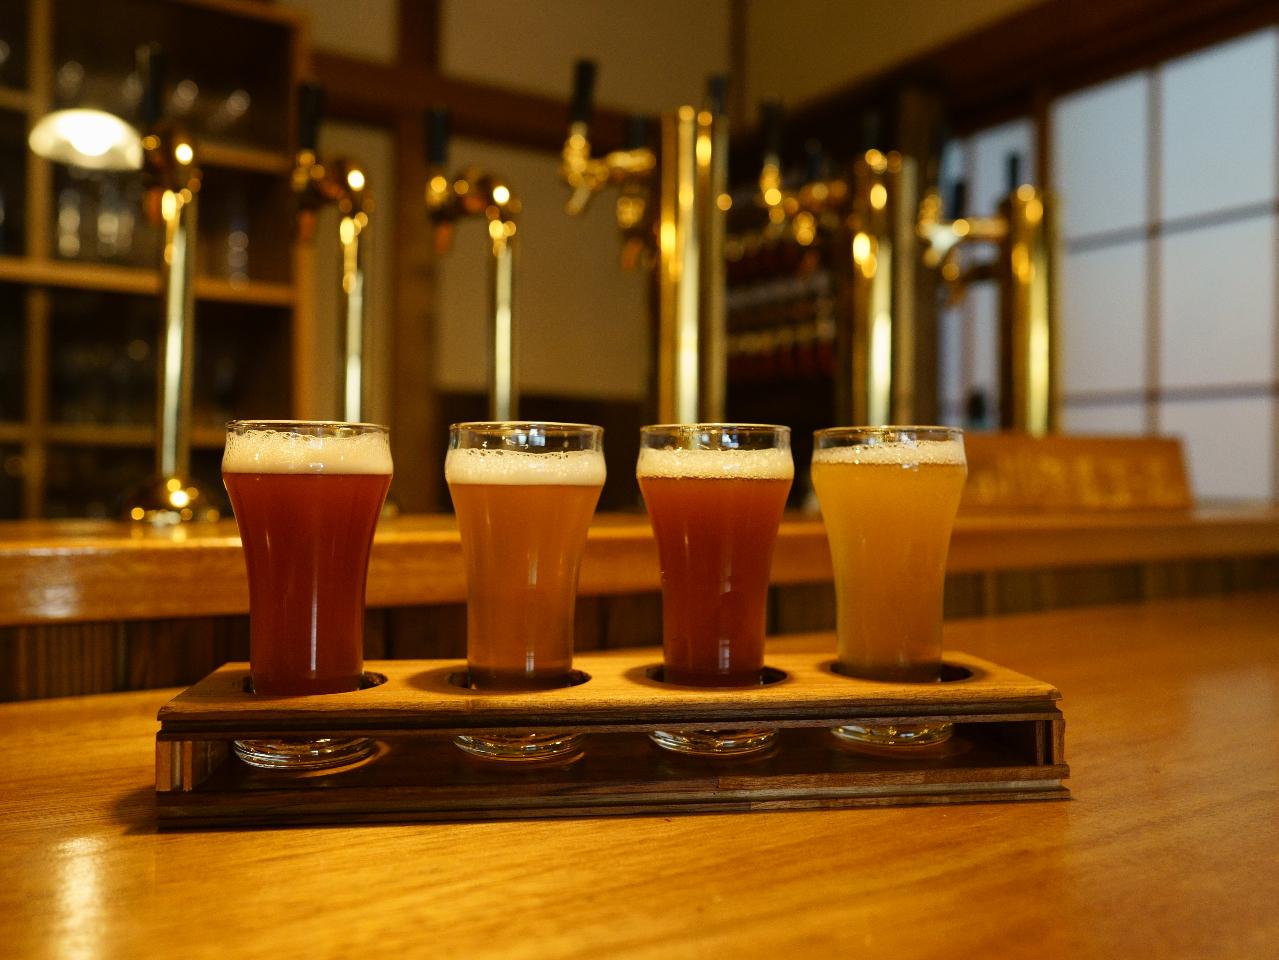 【発酵の町沼垂のクラフトビール 飲み比べ体験】~クラフトビール4種飲み比べ★~【...